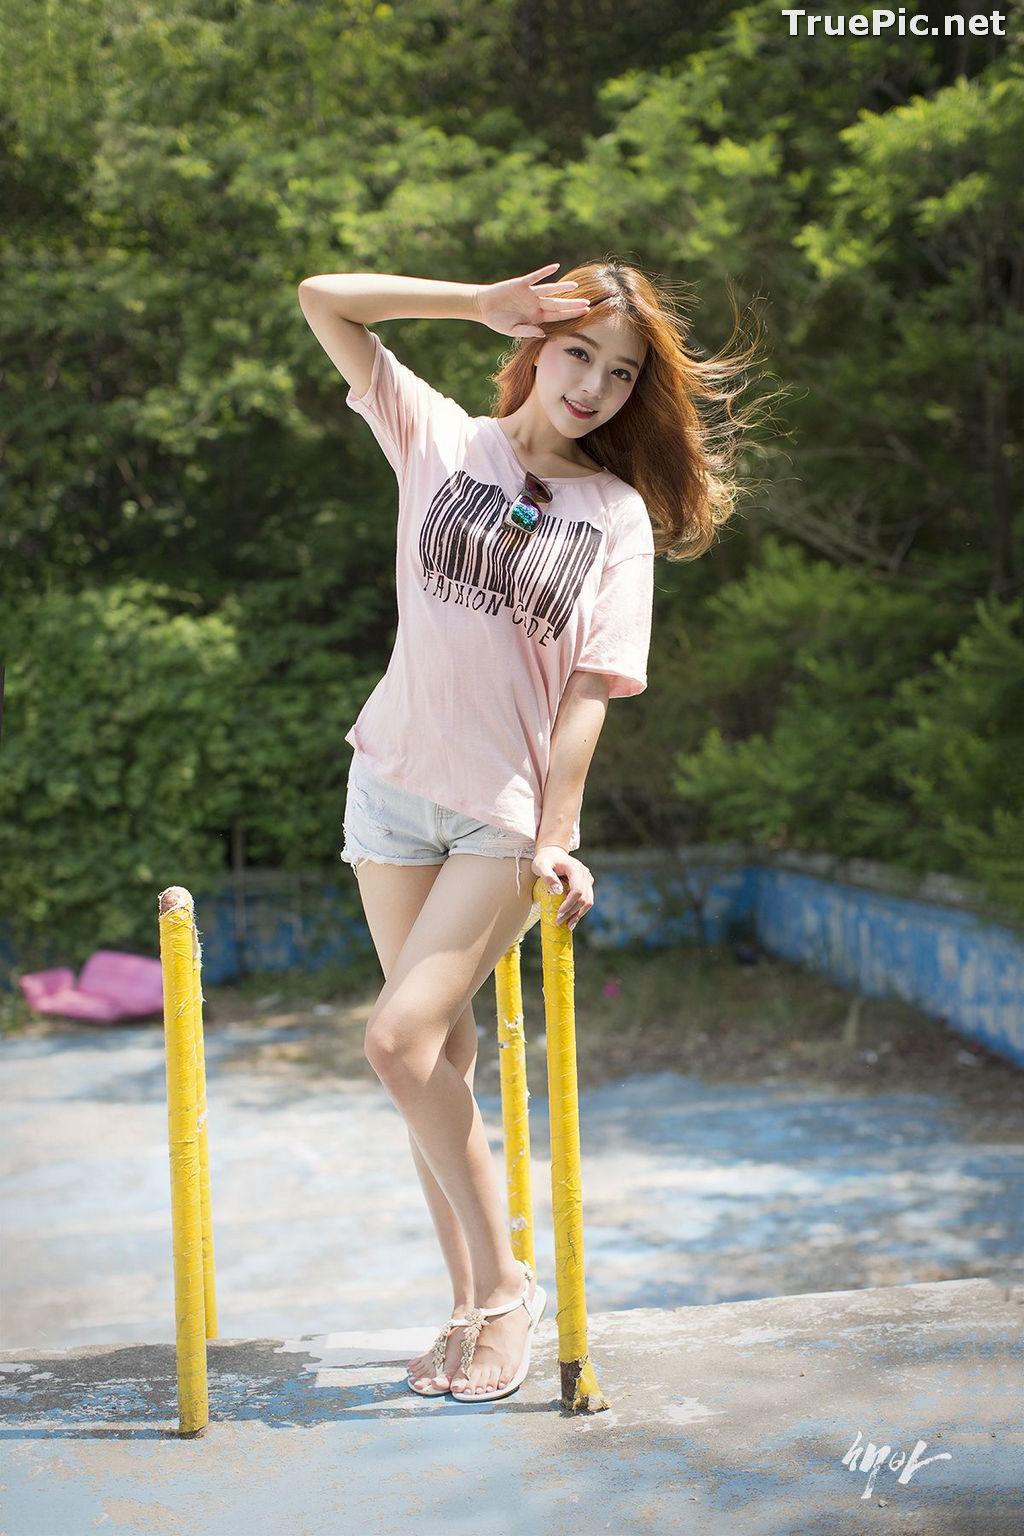 Image Korean Cute Model - Ji Yeon - You Can Follow Me - TruePic.net - Picture-6